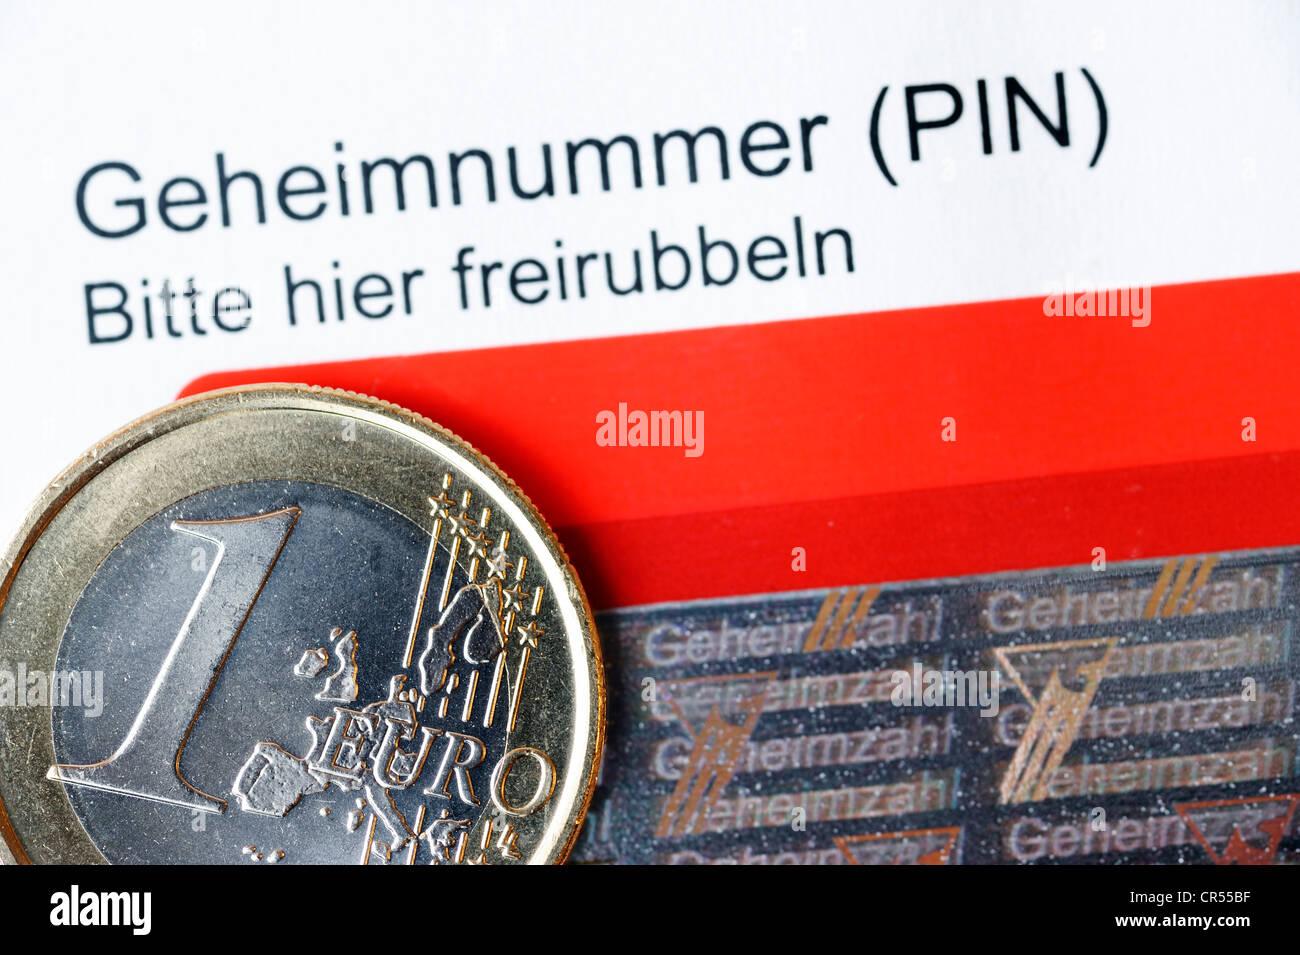 PIN, persönliche Identifikationsnummer und Zahlenfeld für den neuen deutschen Personalausweis Stockbild